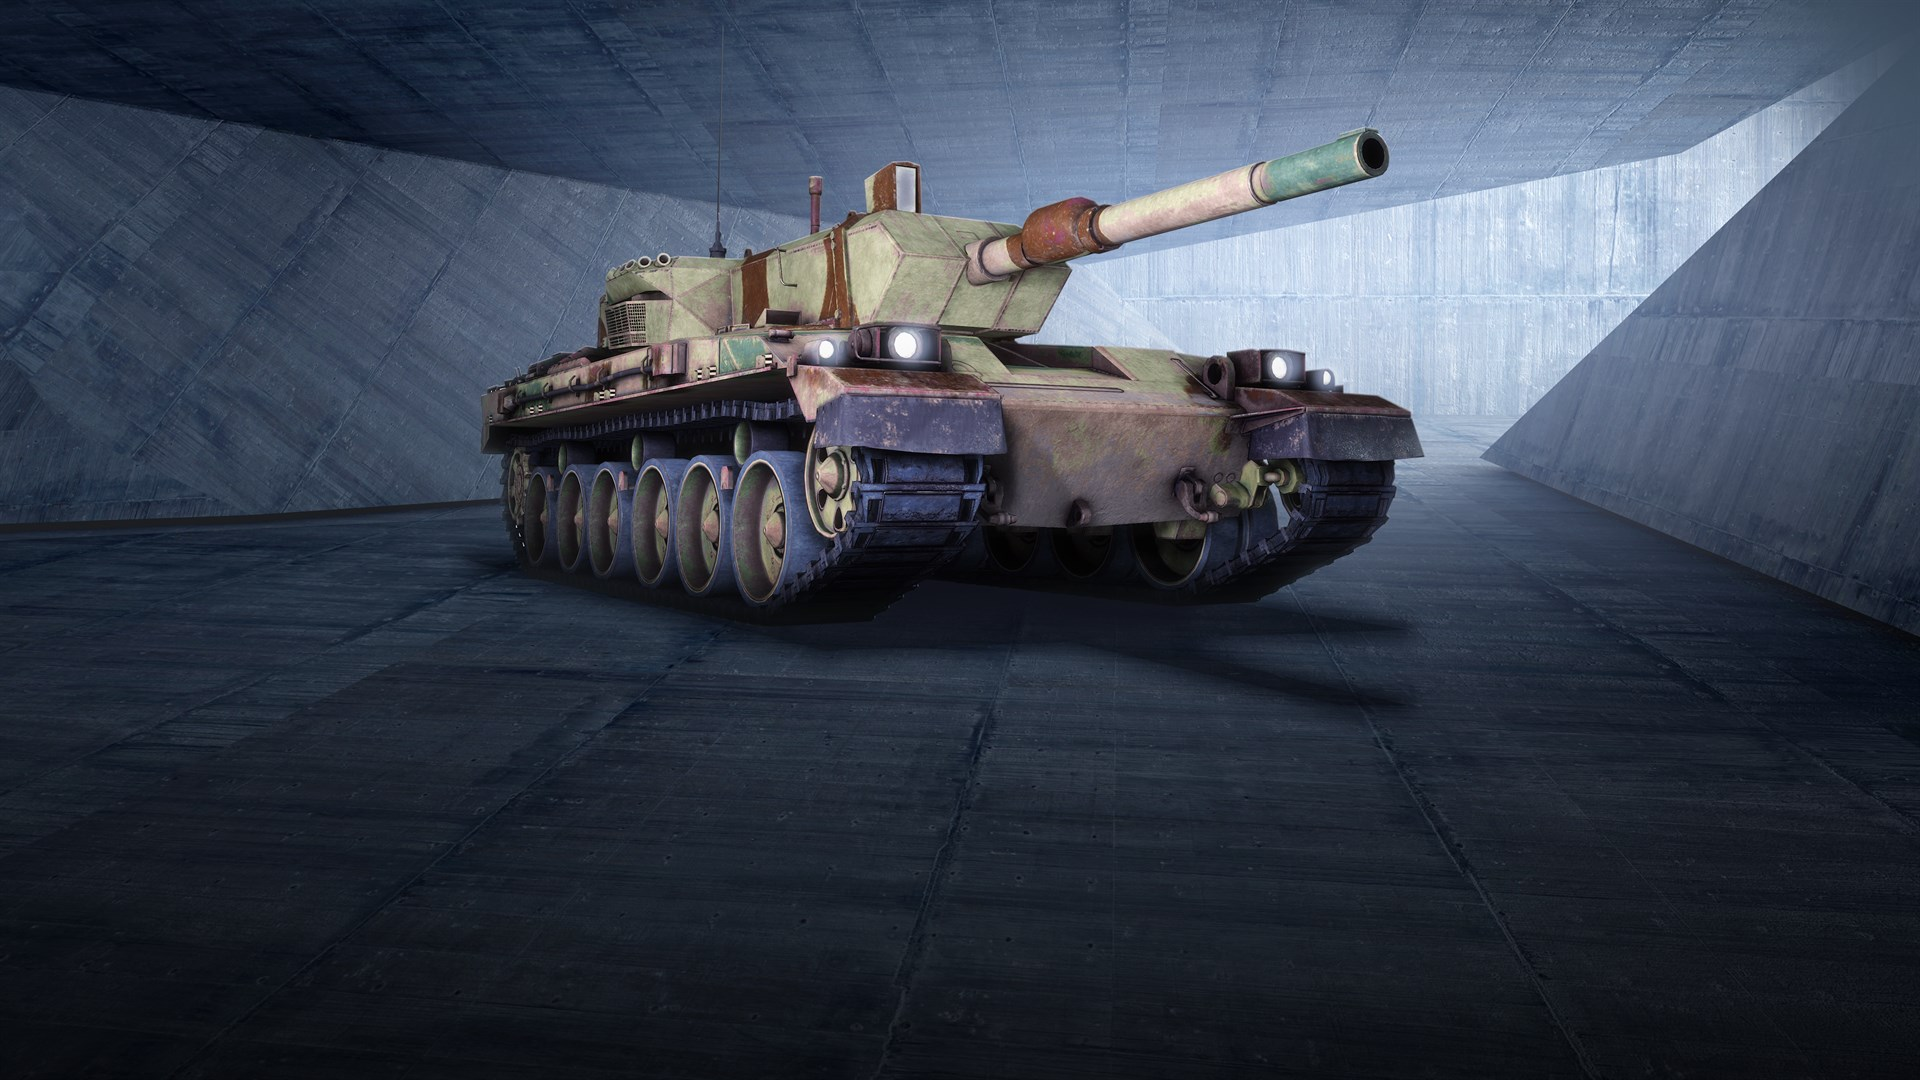 Armored Warfare - Challenger 1 Falcon Tier 8 Premium Main Battle Tank